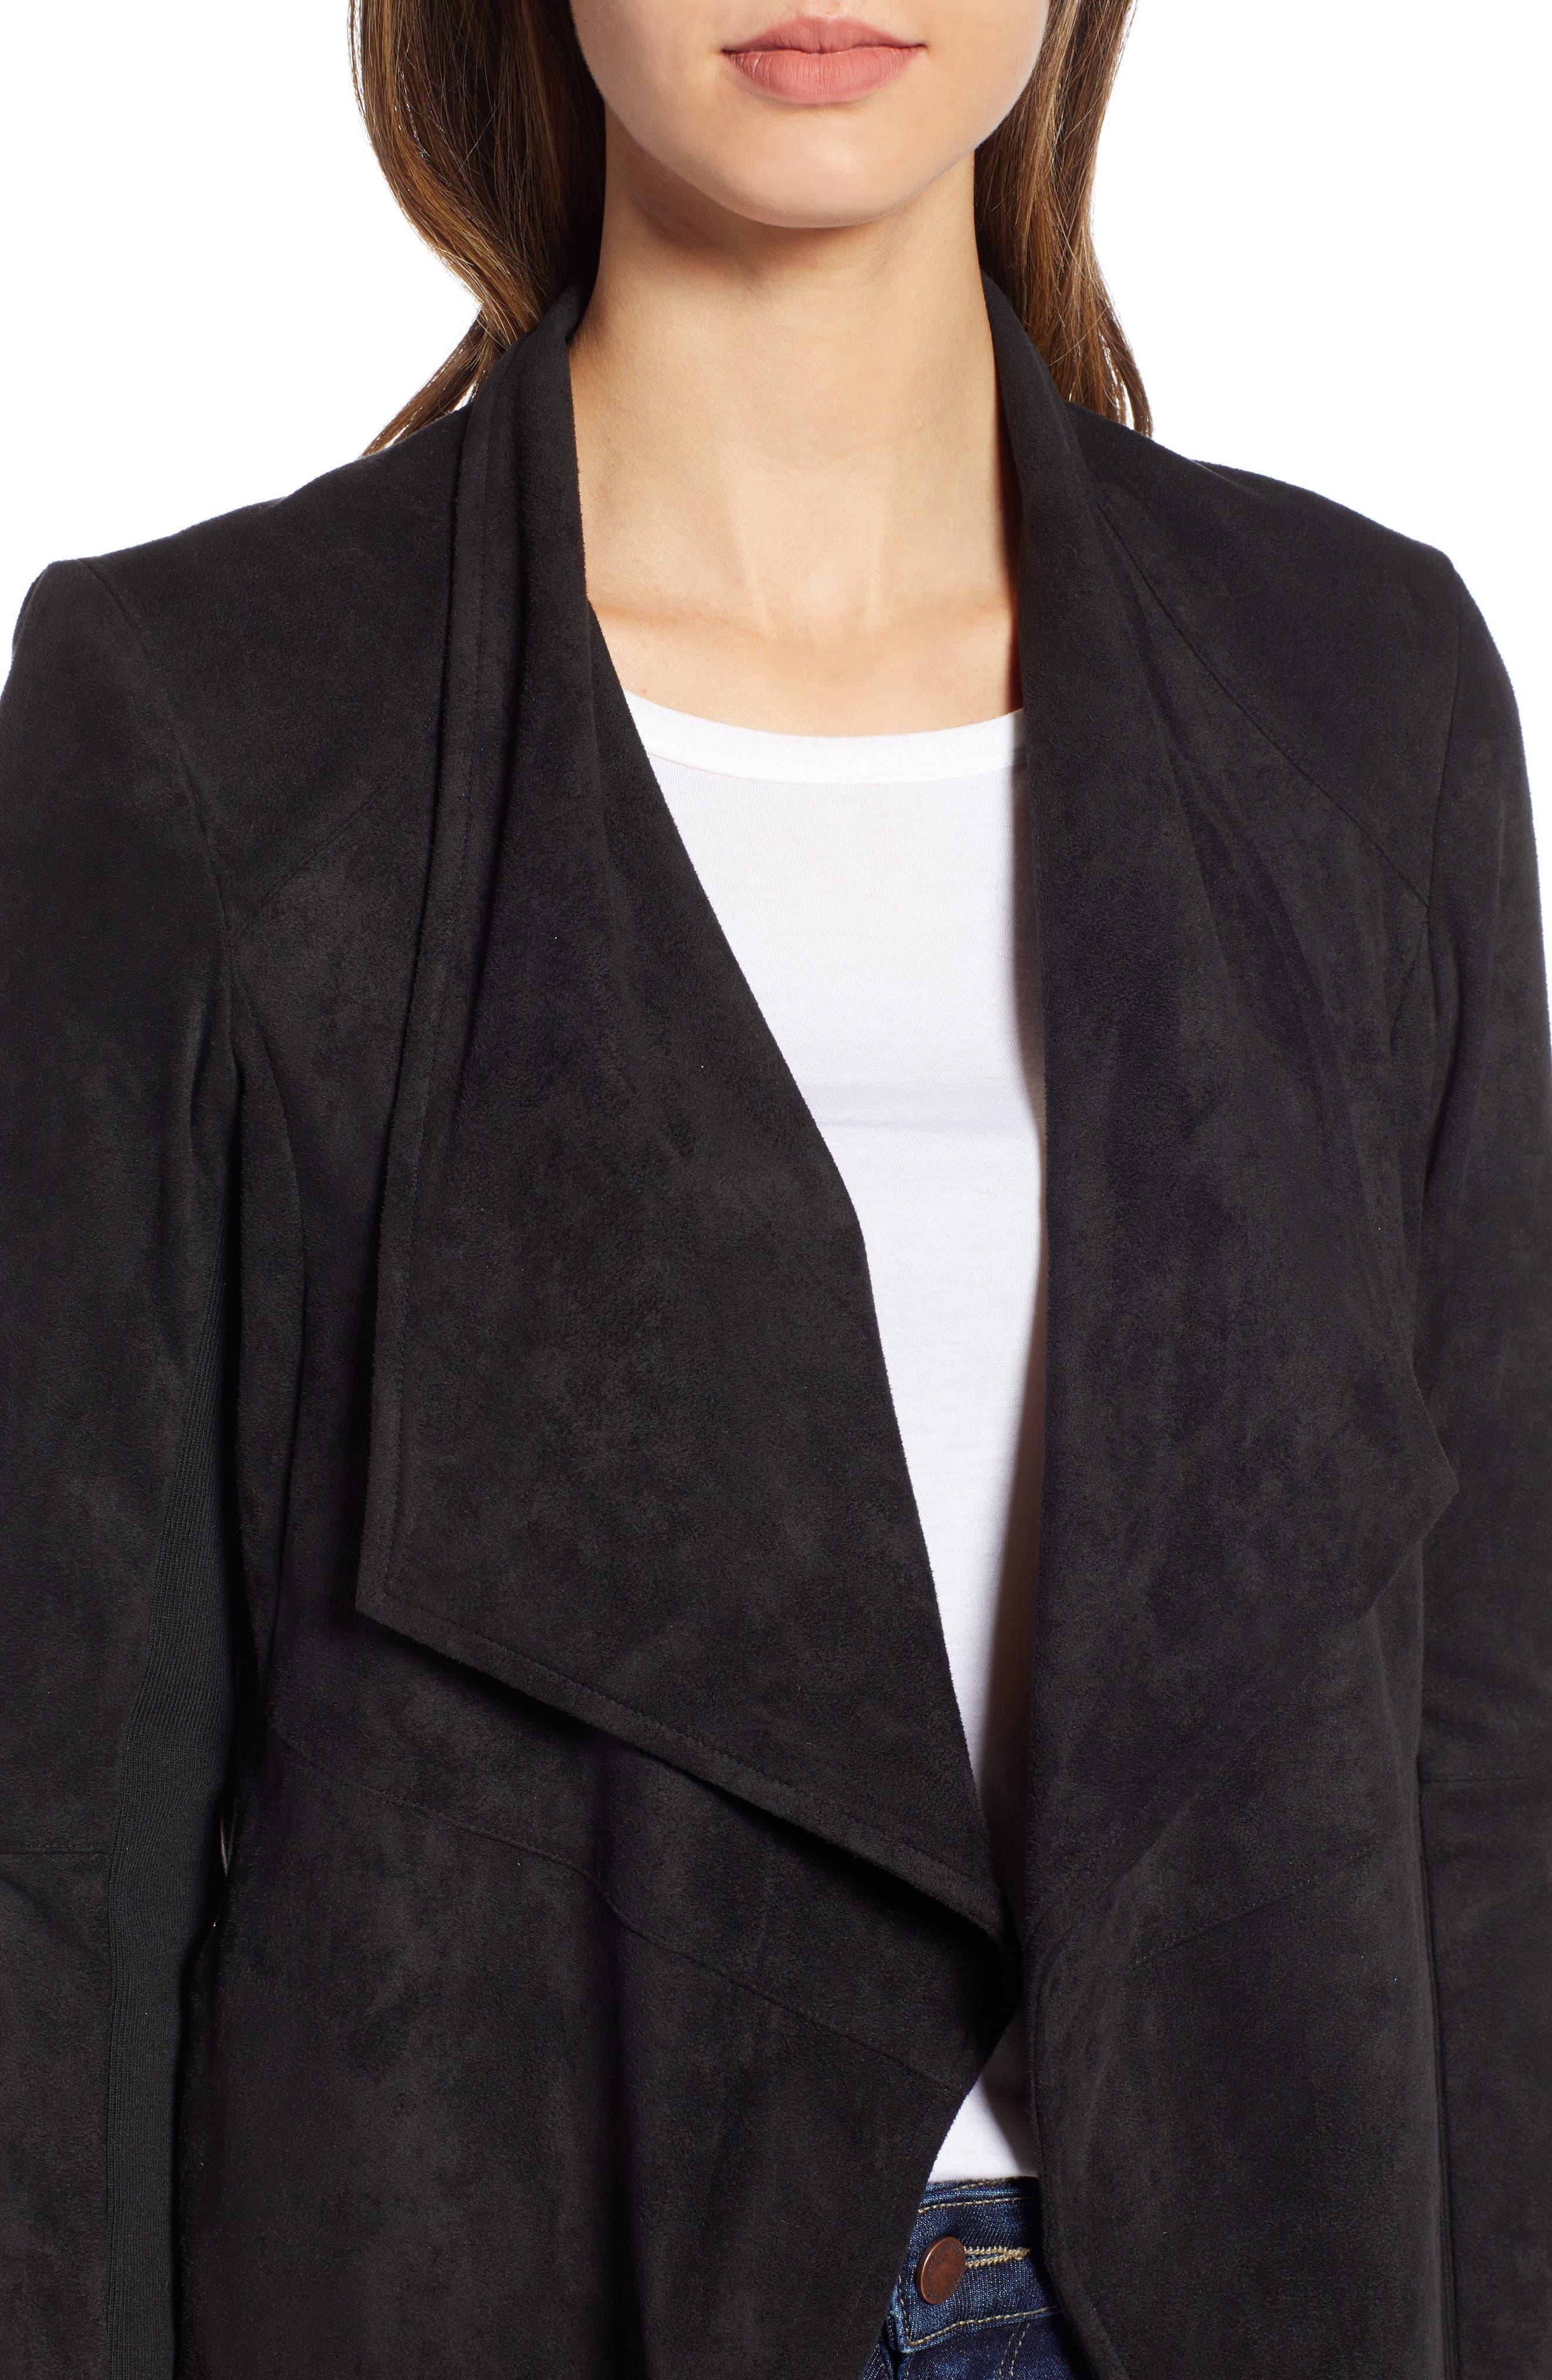 Nicholson Faux Suede Drape Front Jacket,                             Alternate thumbnail 4, color,                             001